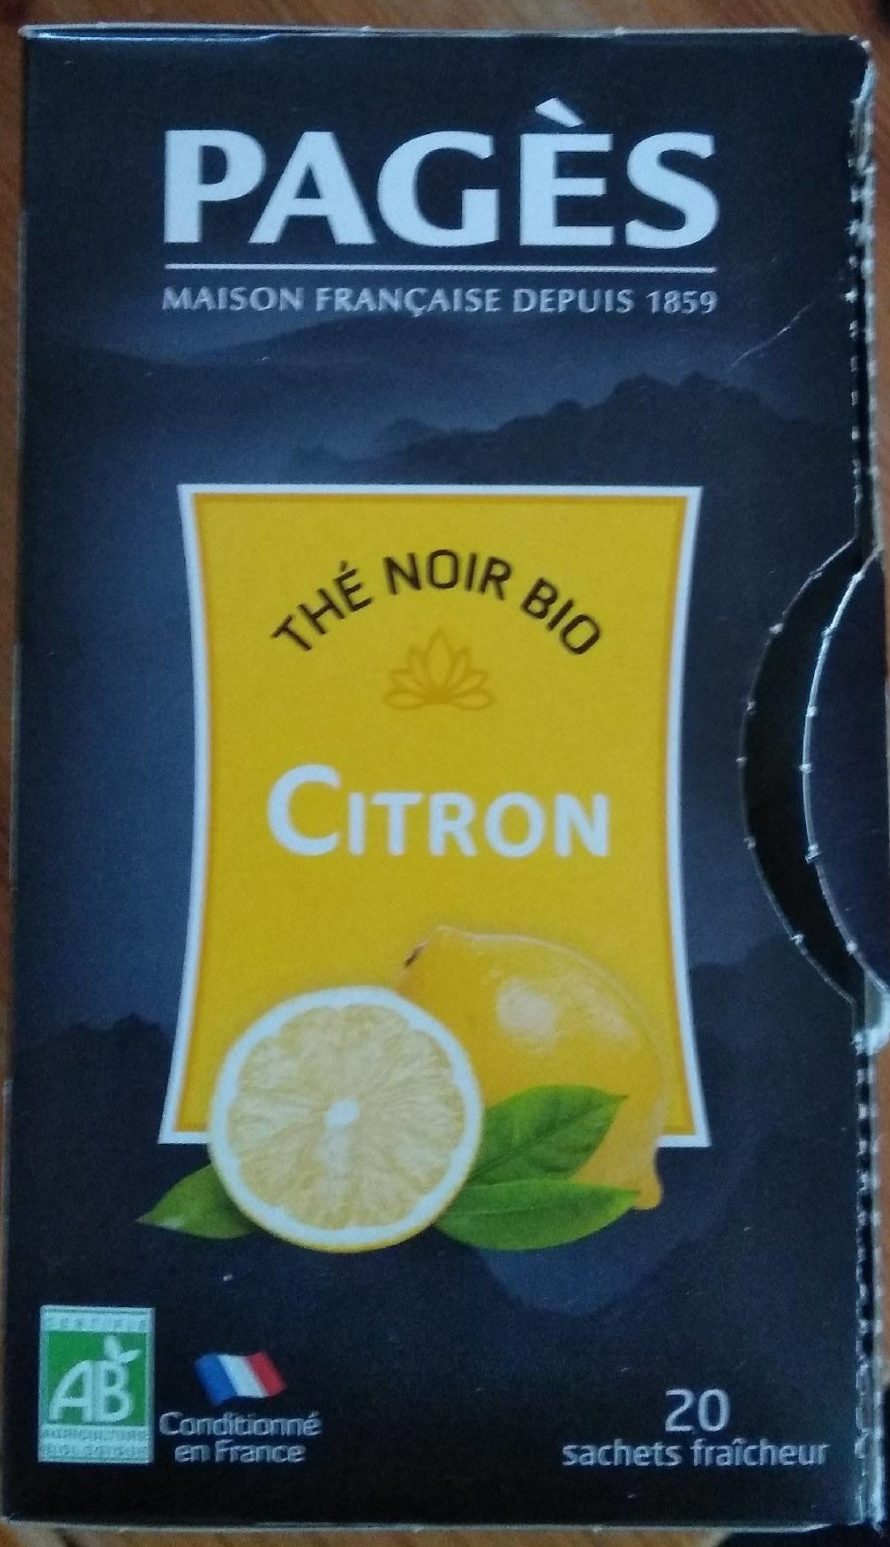 Thé noir bio citron - Product - fr